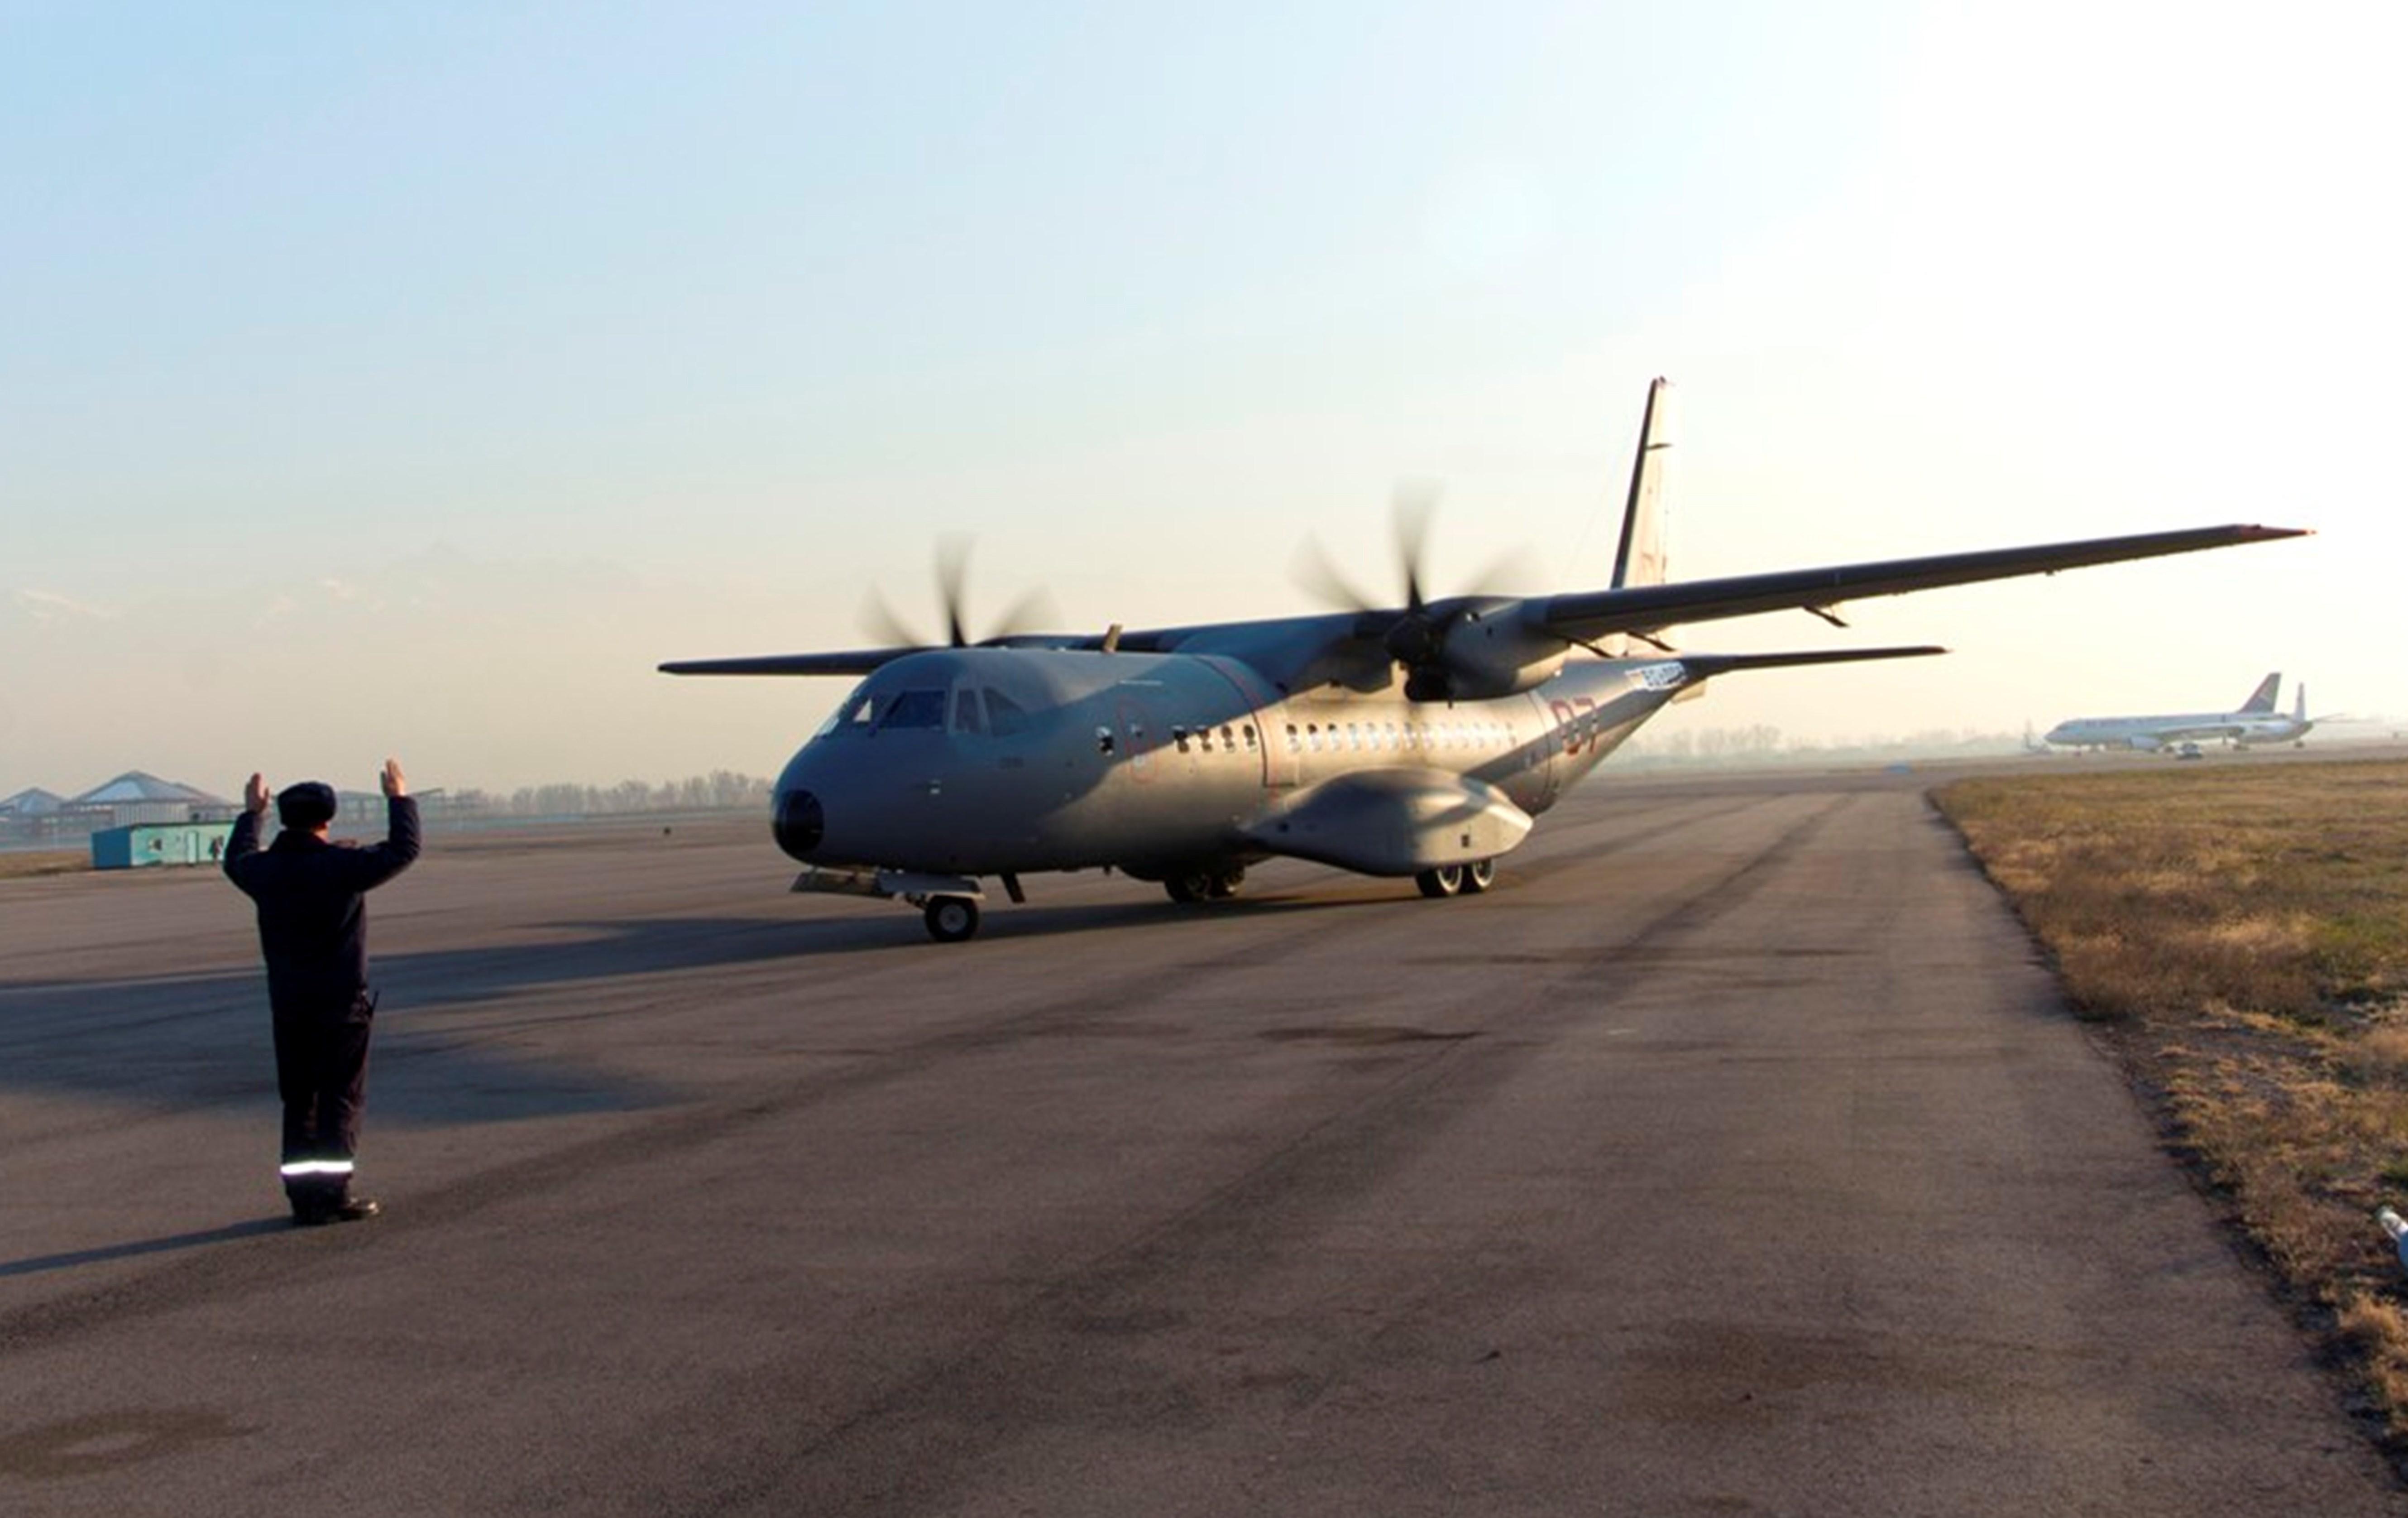 Транспортный самолет C-295 прибывает в Алматы 24 ноября. [Министерство обороны Казахстана]